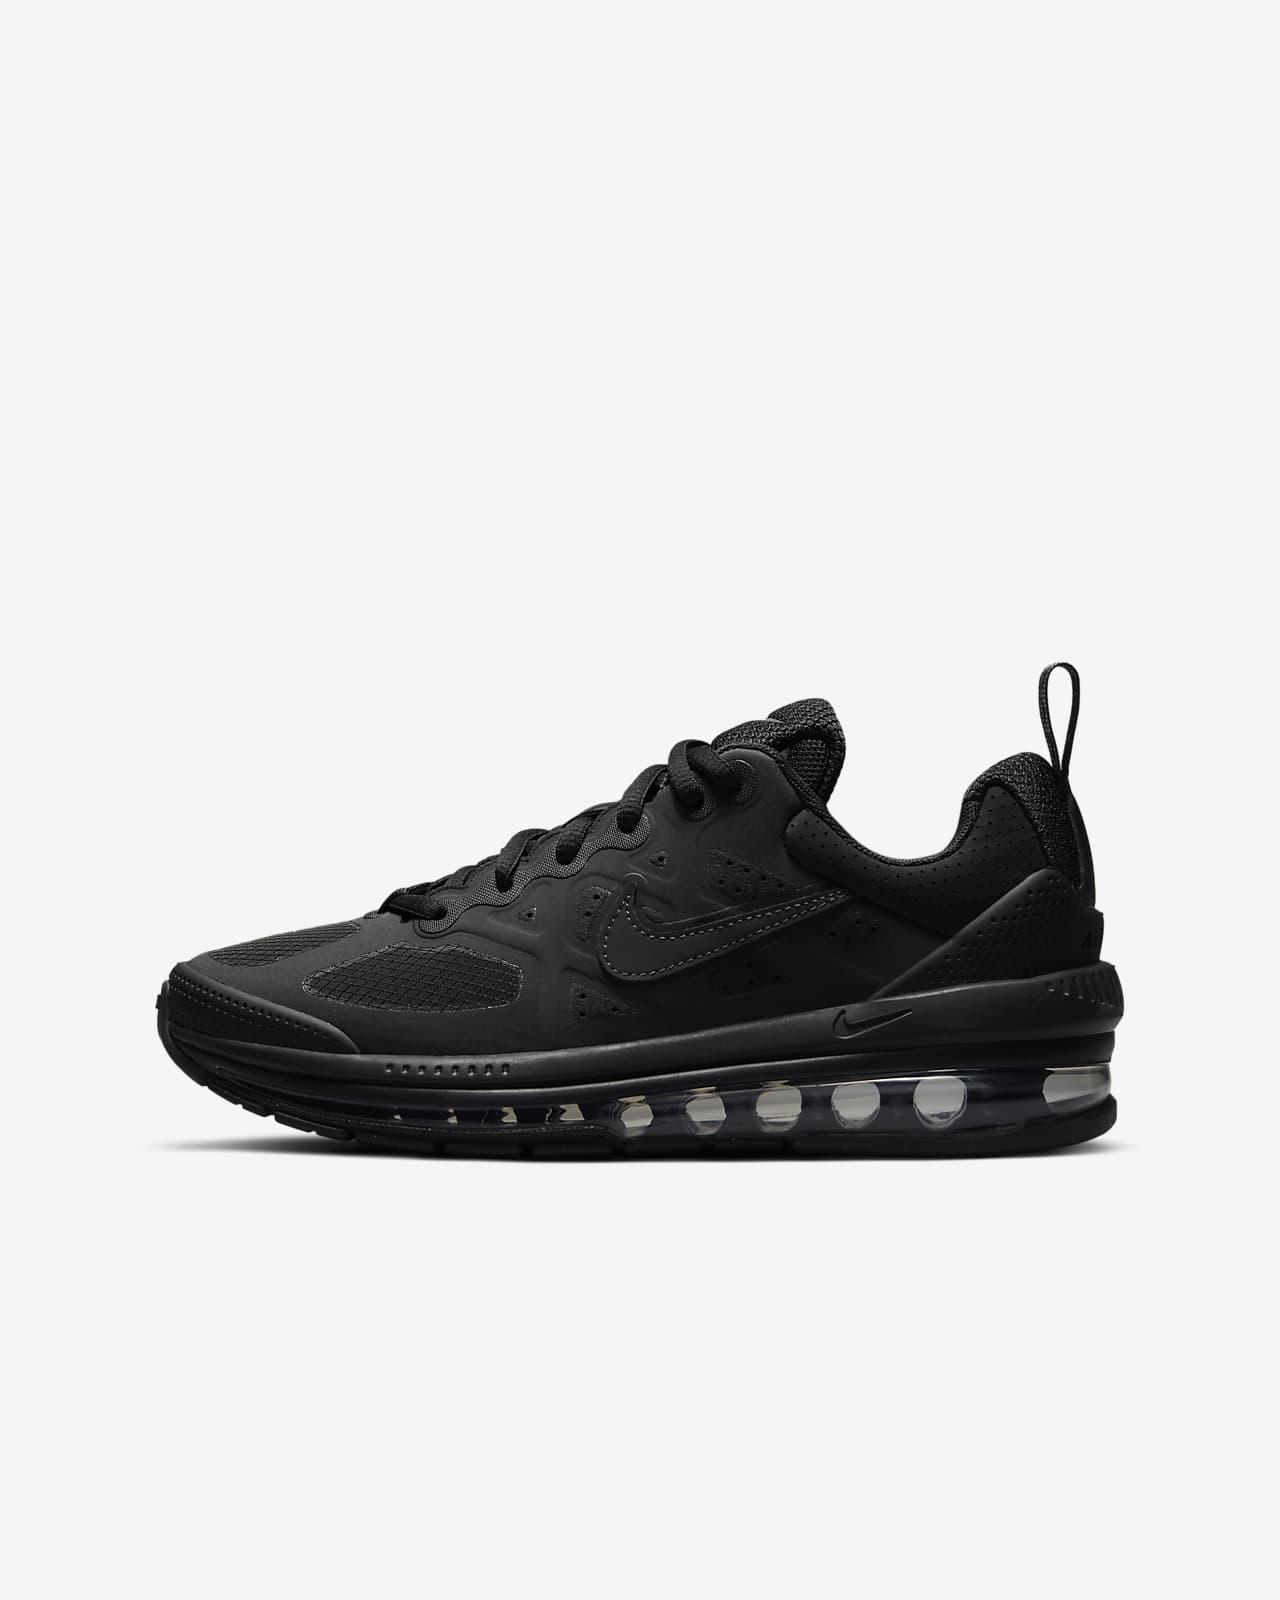 Sko Nike Air Max Genome för ungdom